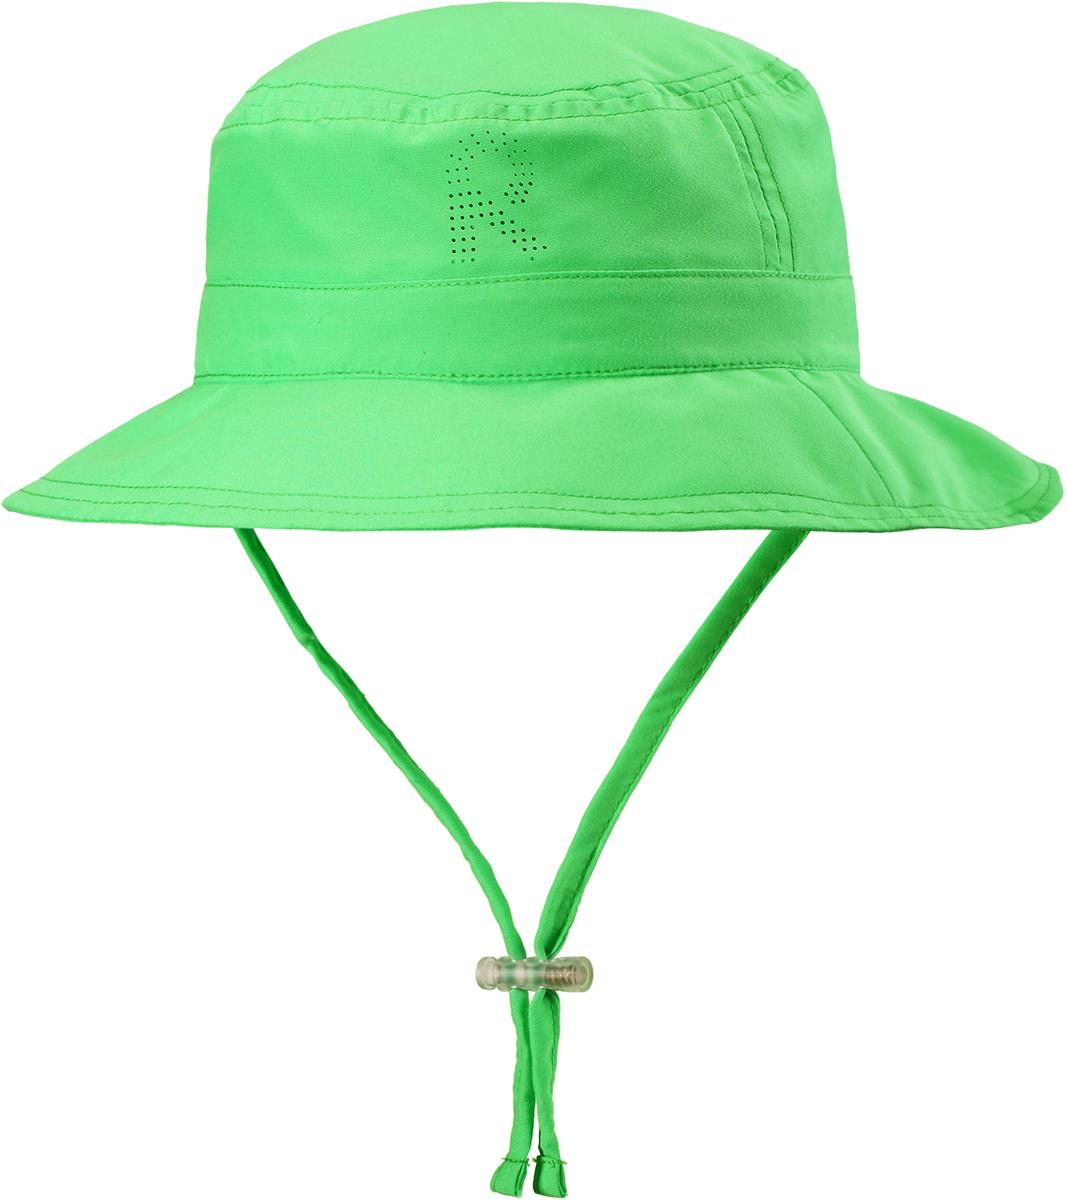 Панама детская Reima Tropical, цвет: зеленый. 5285318460. Размер 505285318460Защитная панама от Reima с фактором УФ-защиты 50+ изготовлена из дышащего и легкого материала SunProof. Козырек панамы защищает лицо и глаза от вредного ультрафиолета. Облегченная модель не имеет подкладки и оснащена завязками со стоппером.